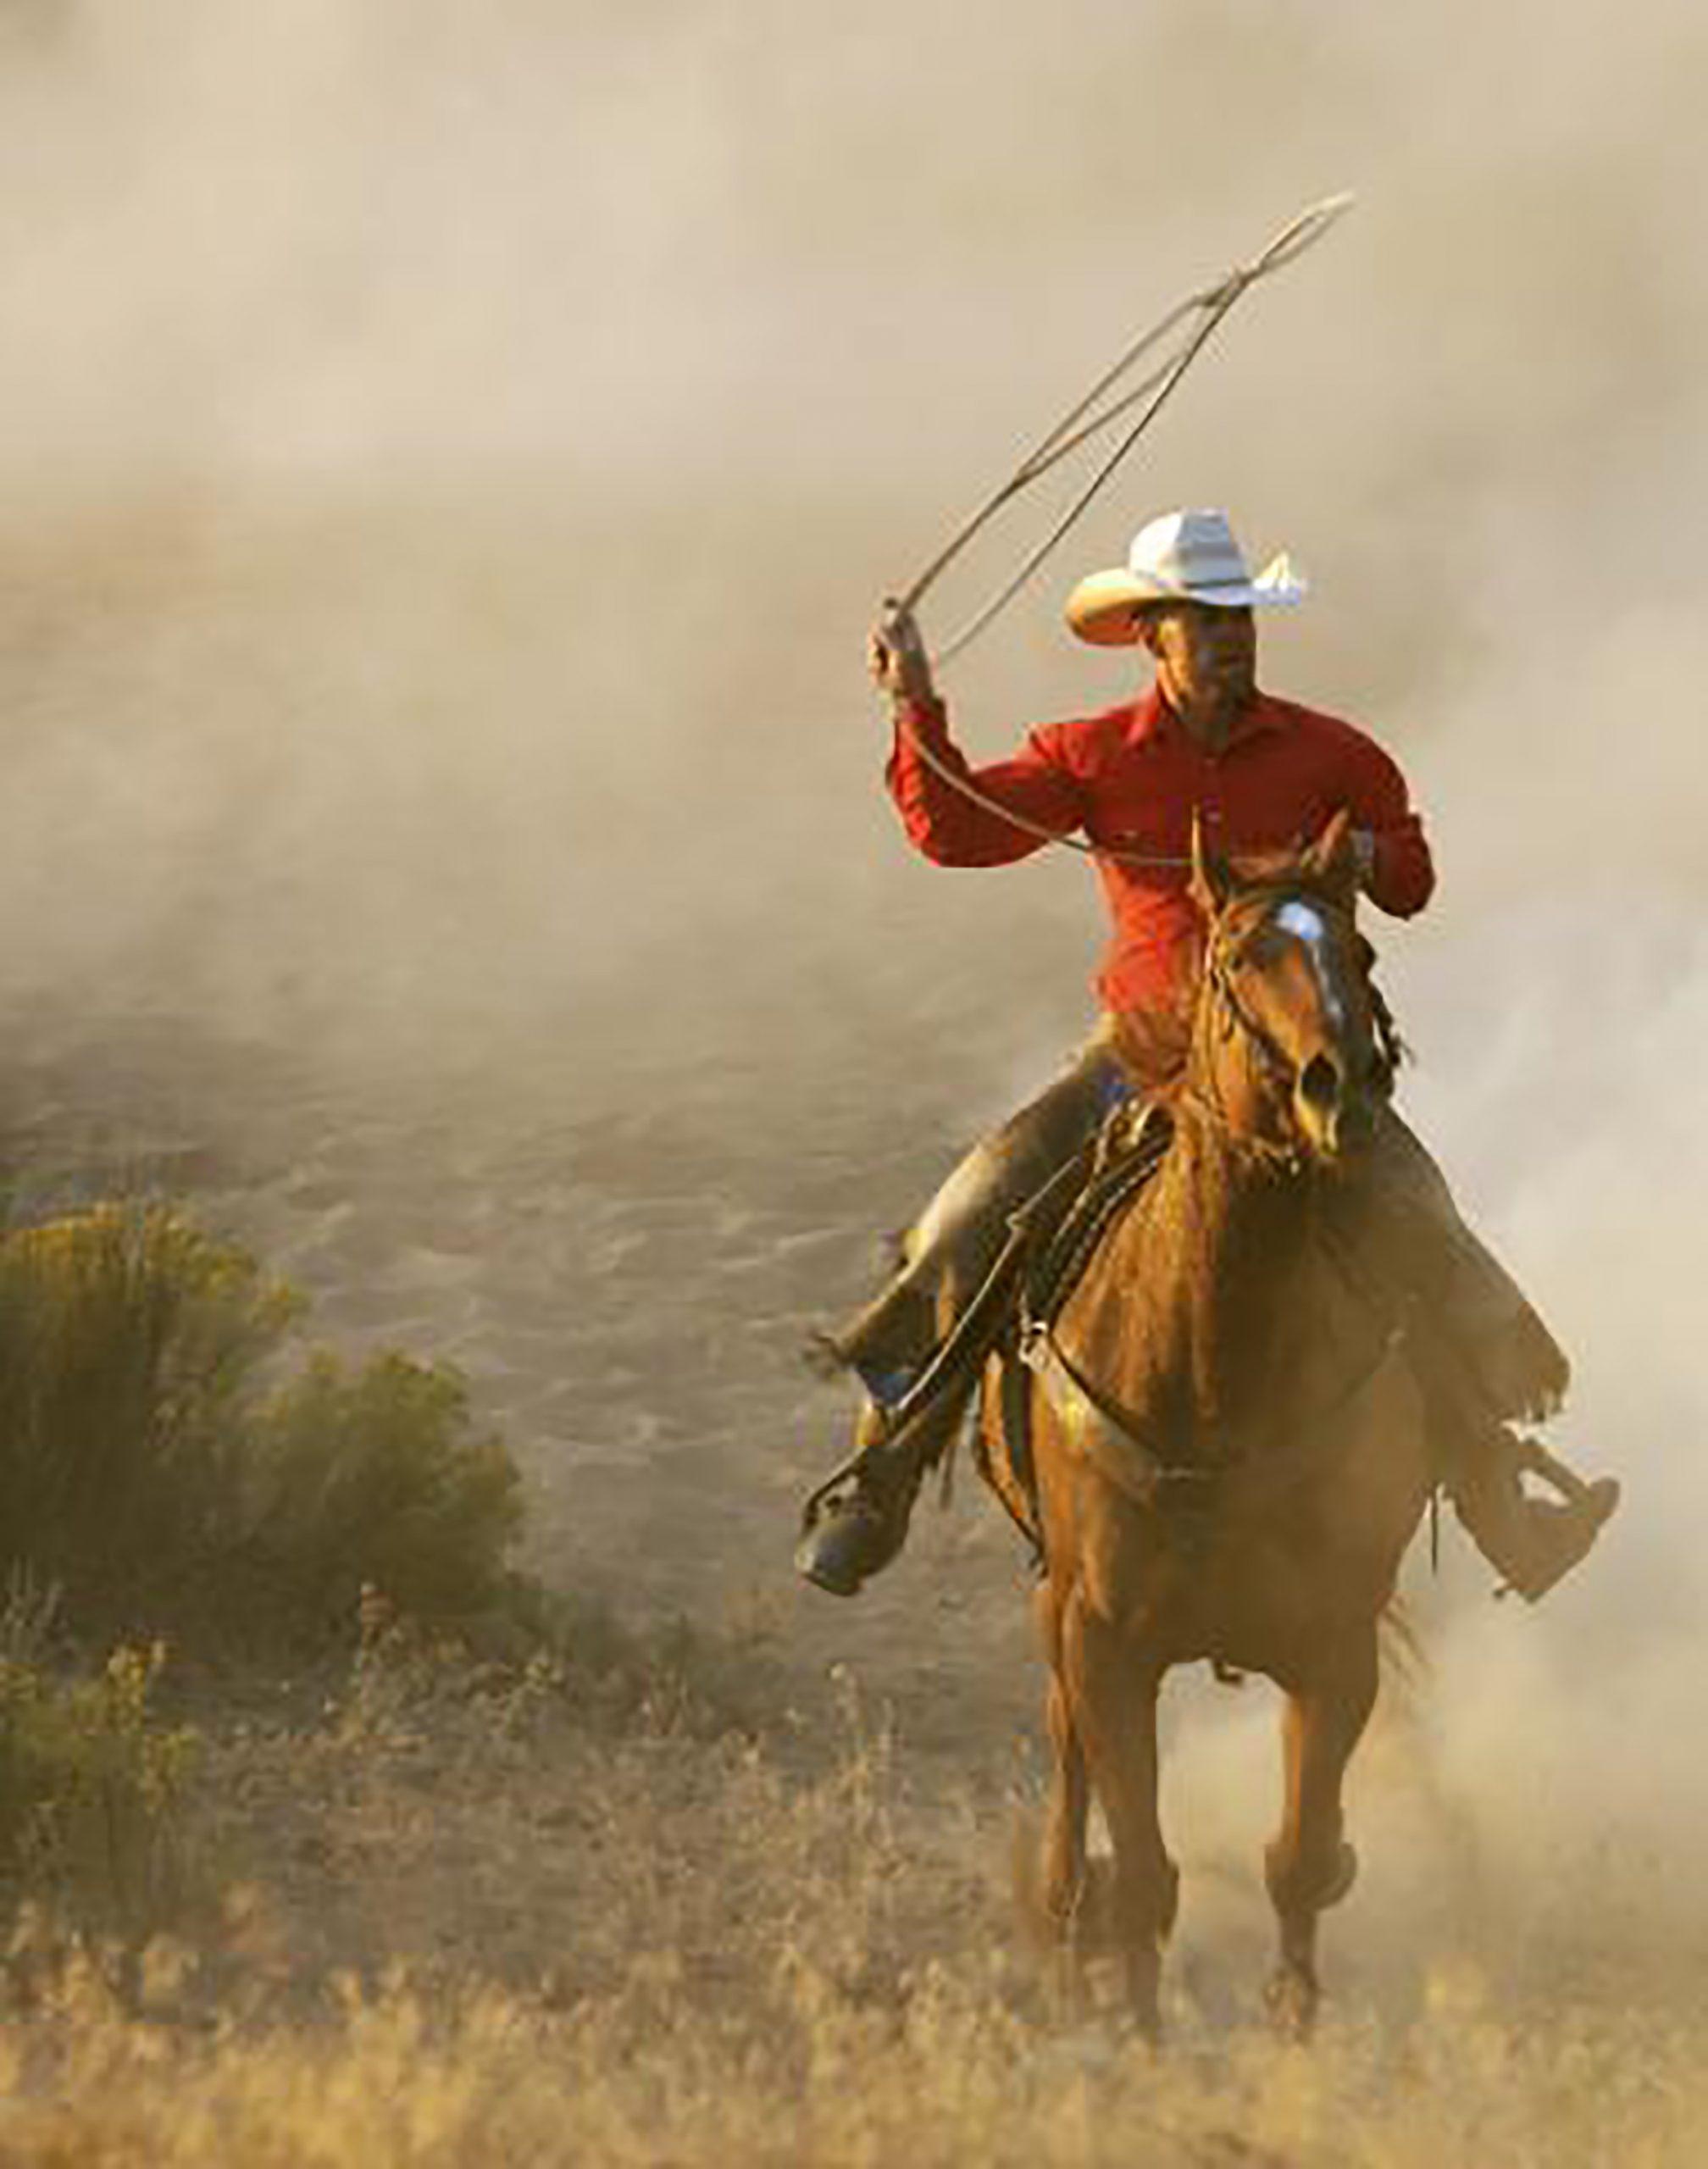 Horse and cowboy rider.